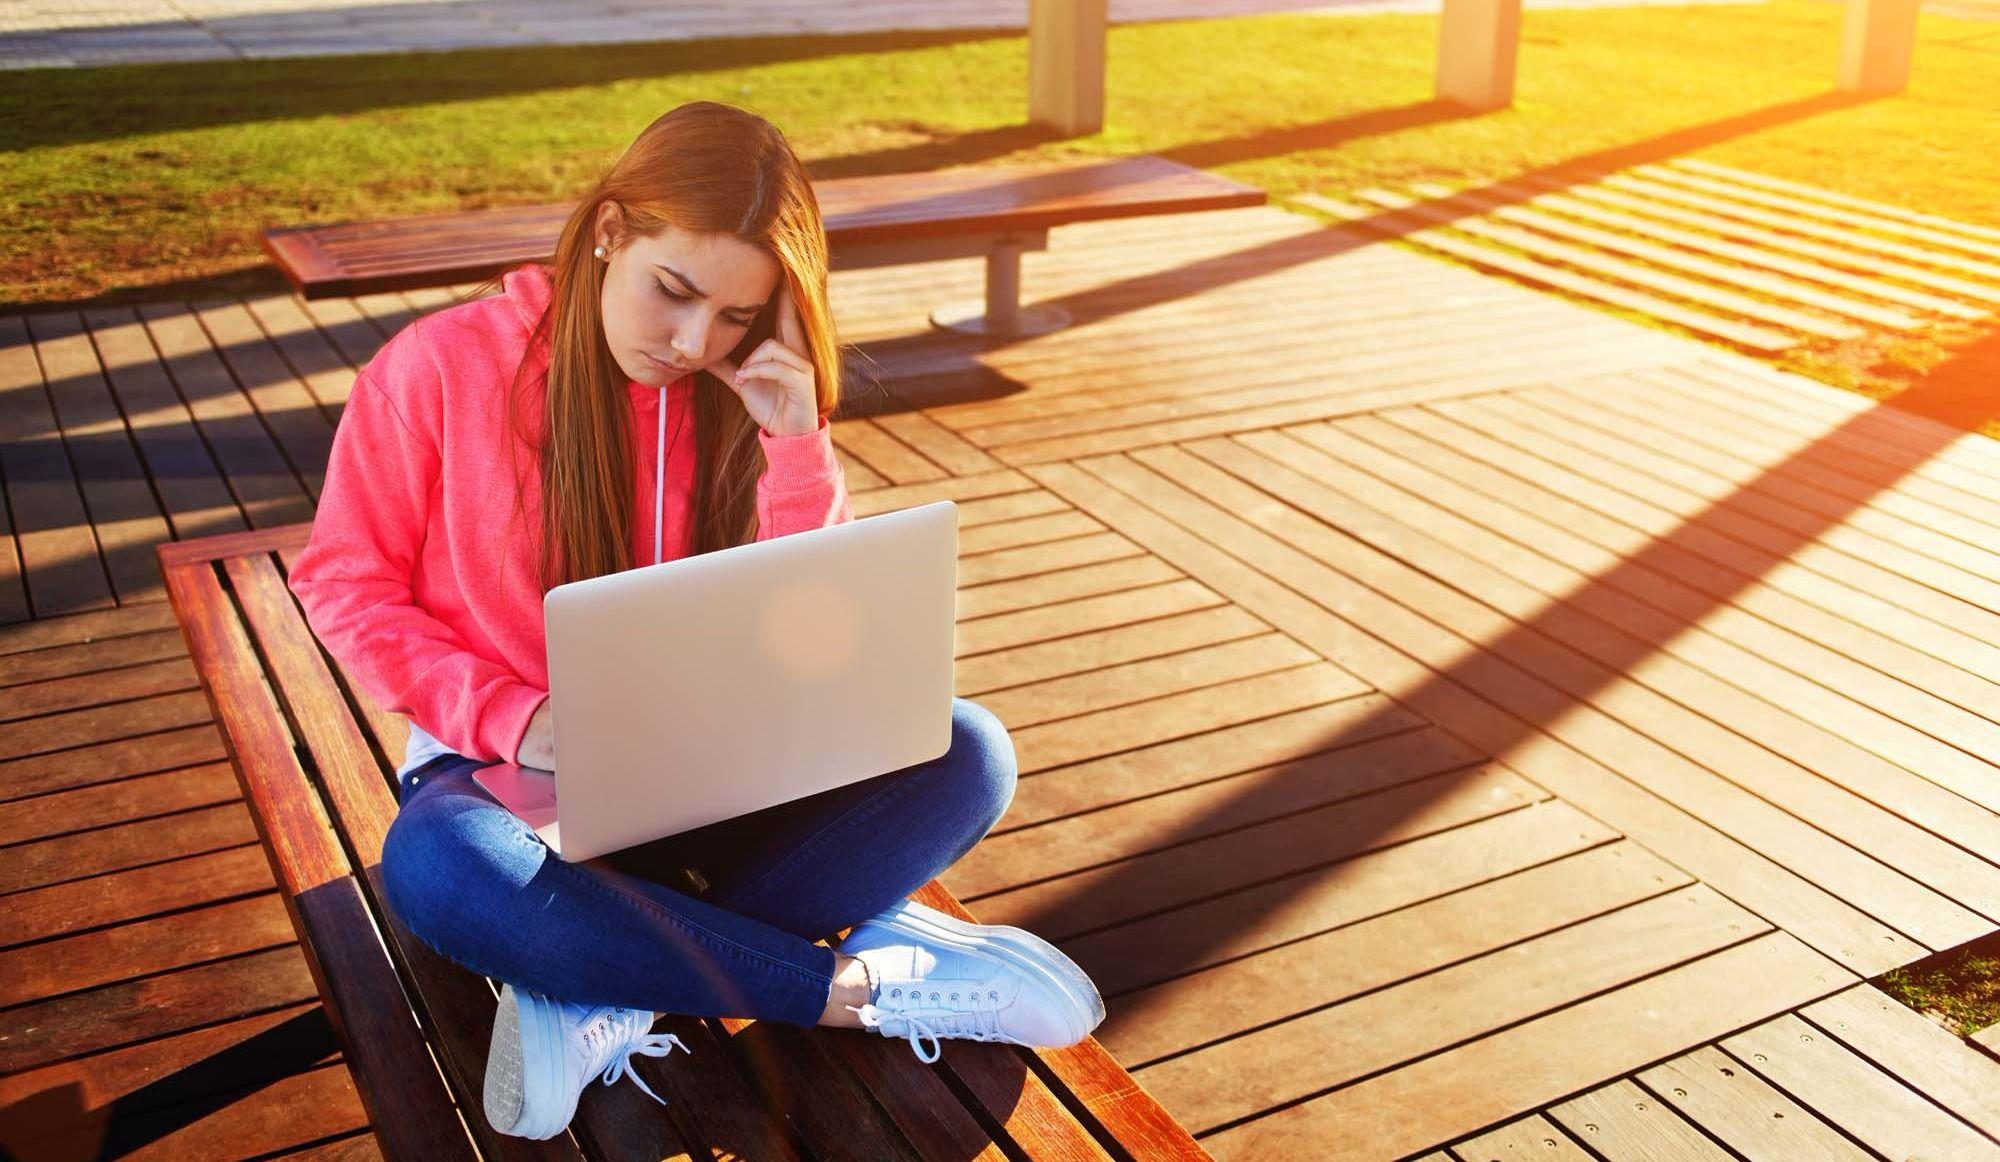 Rendez-vous de l'info :La deMOIs'aile,un blogue pour développer l'estime de soi